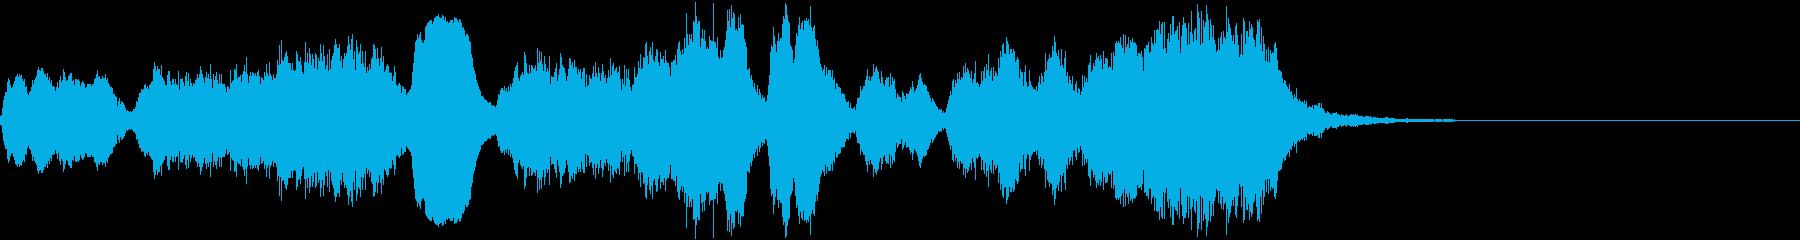 ほのぼのかわいいフルートとストリングスの再生済みの波形